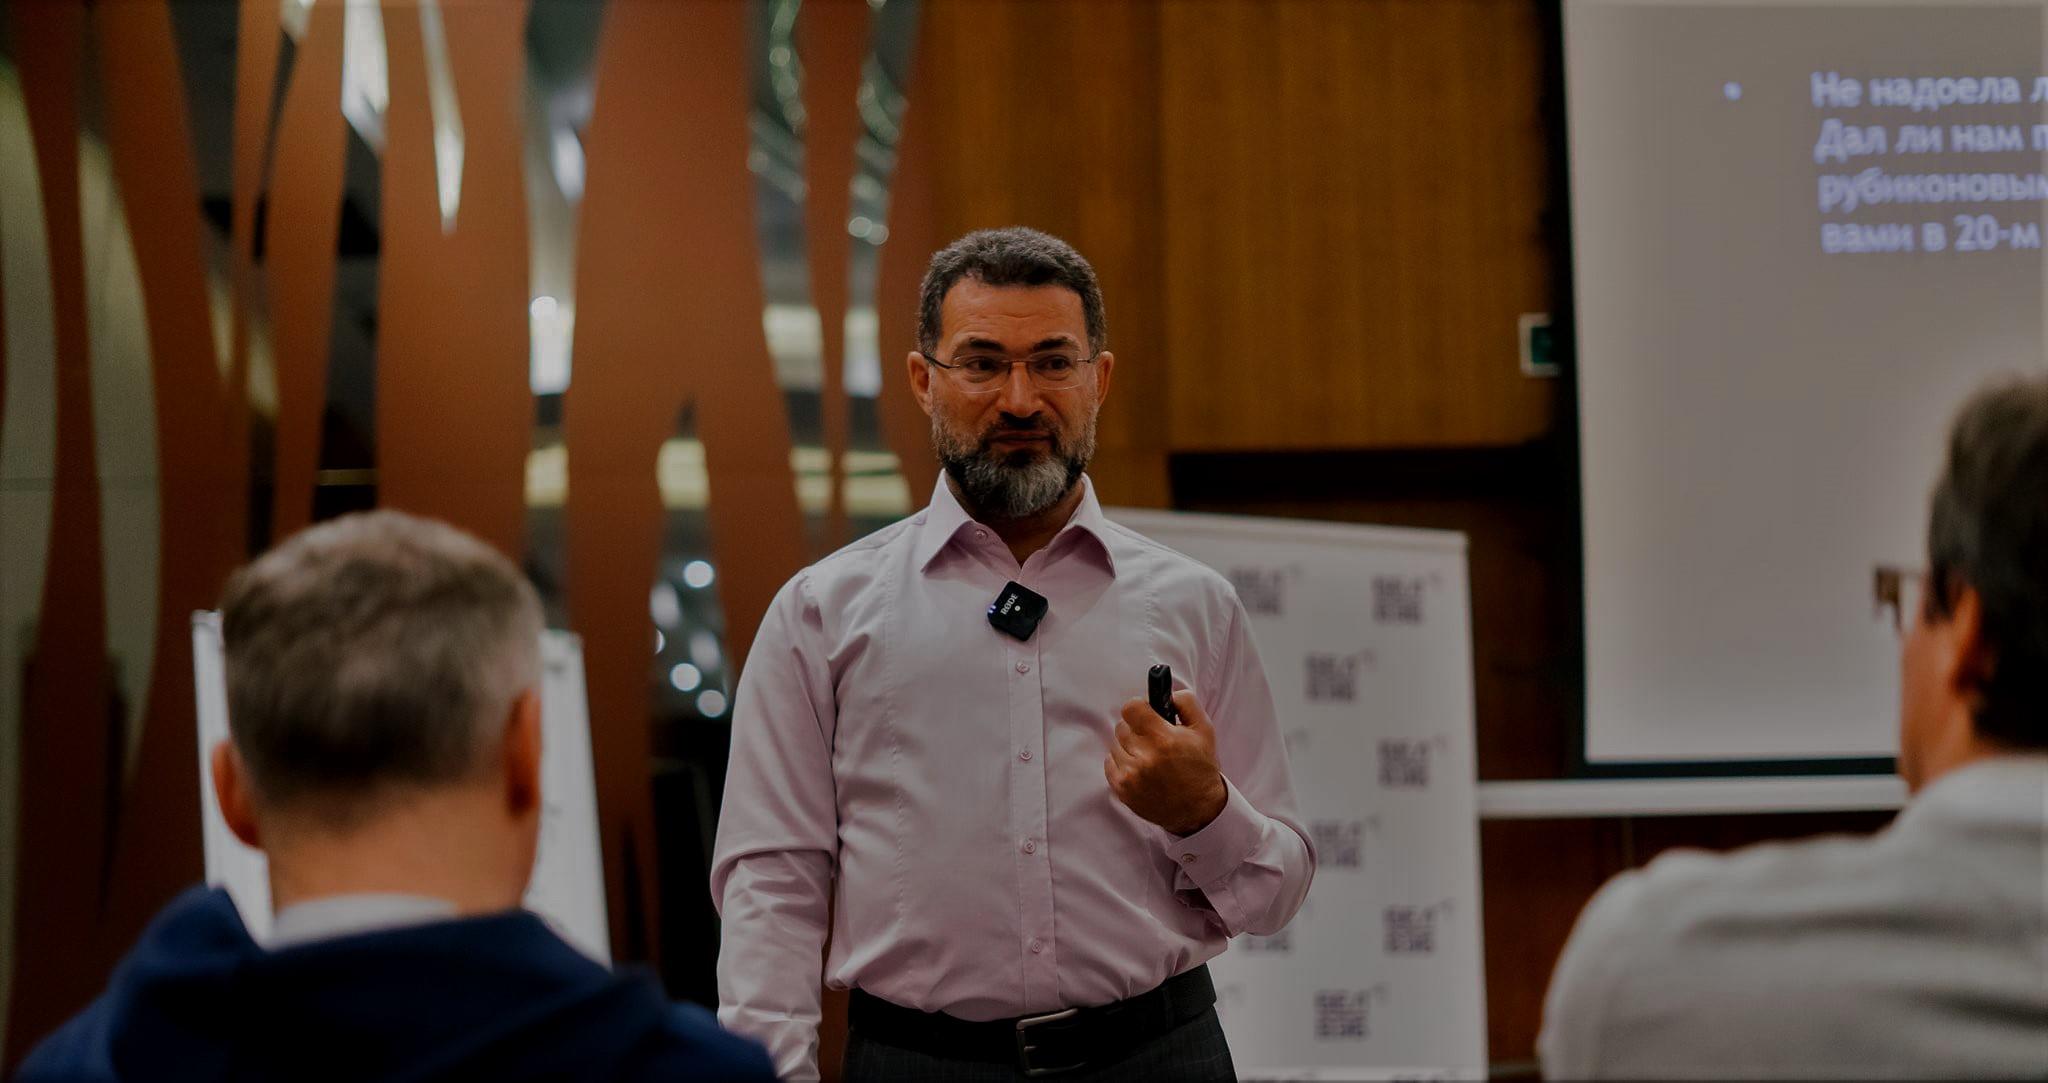 ФОТО: Семинар Аркадия Цукера «Алгоритмы  бизнес-мышления. Прогулка по стратегиям гениев»